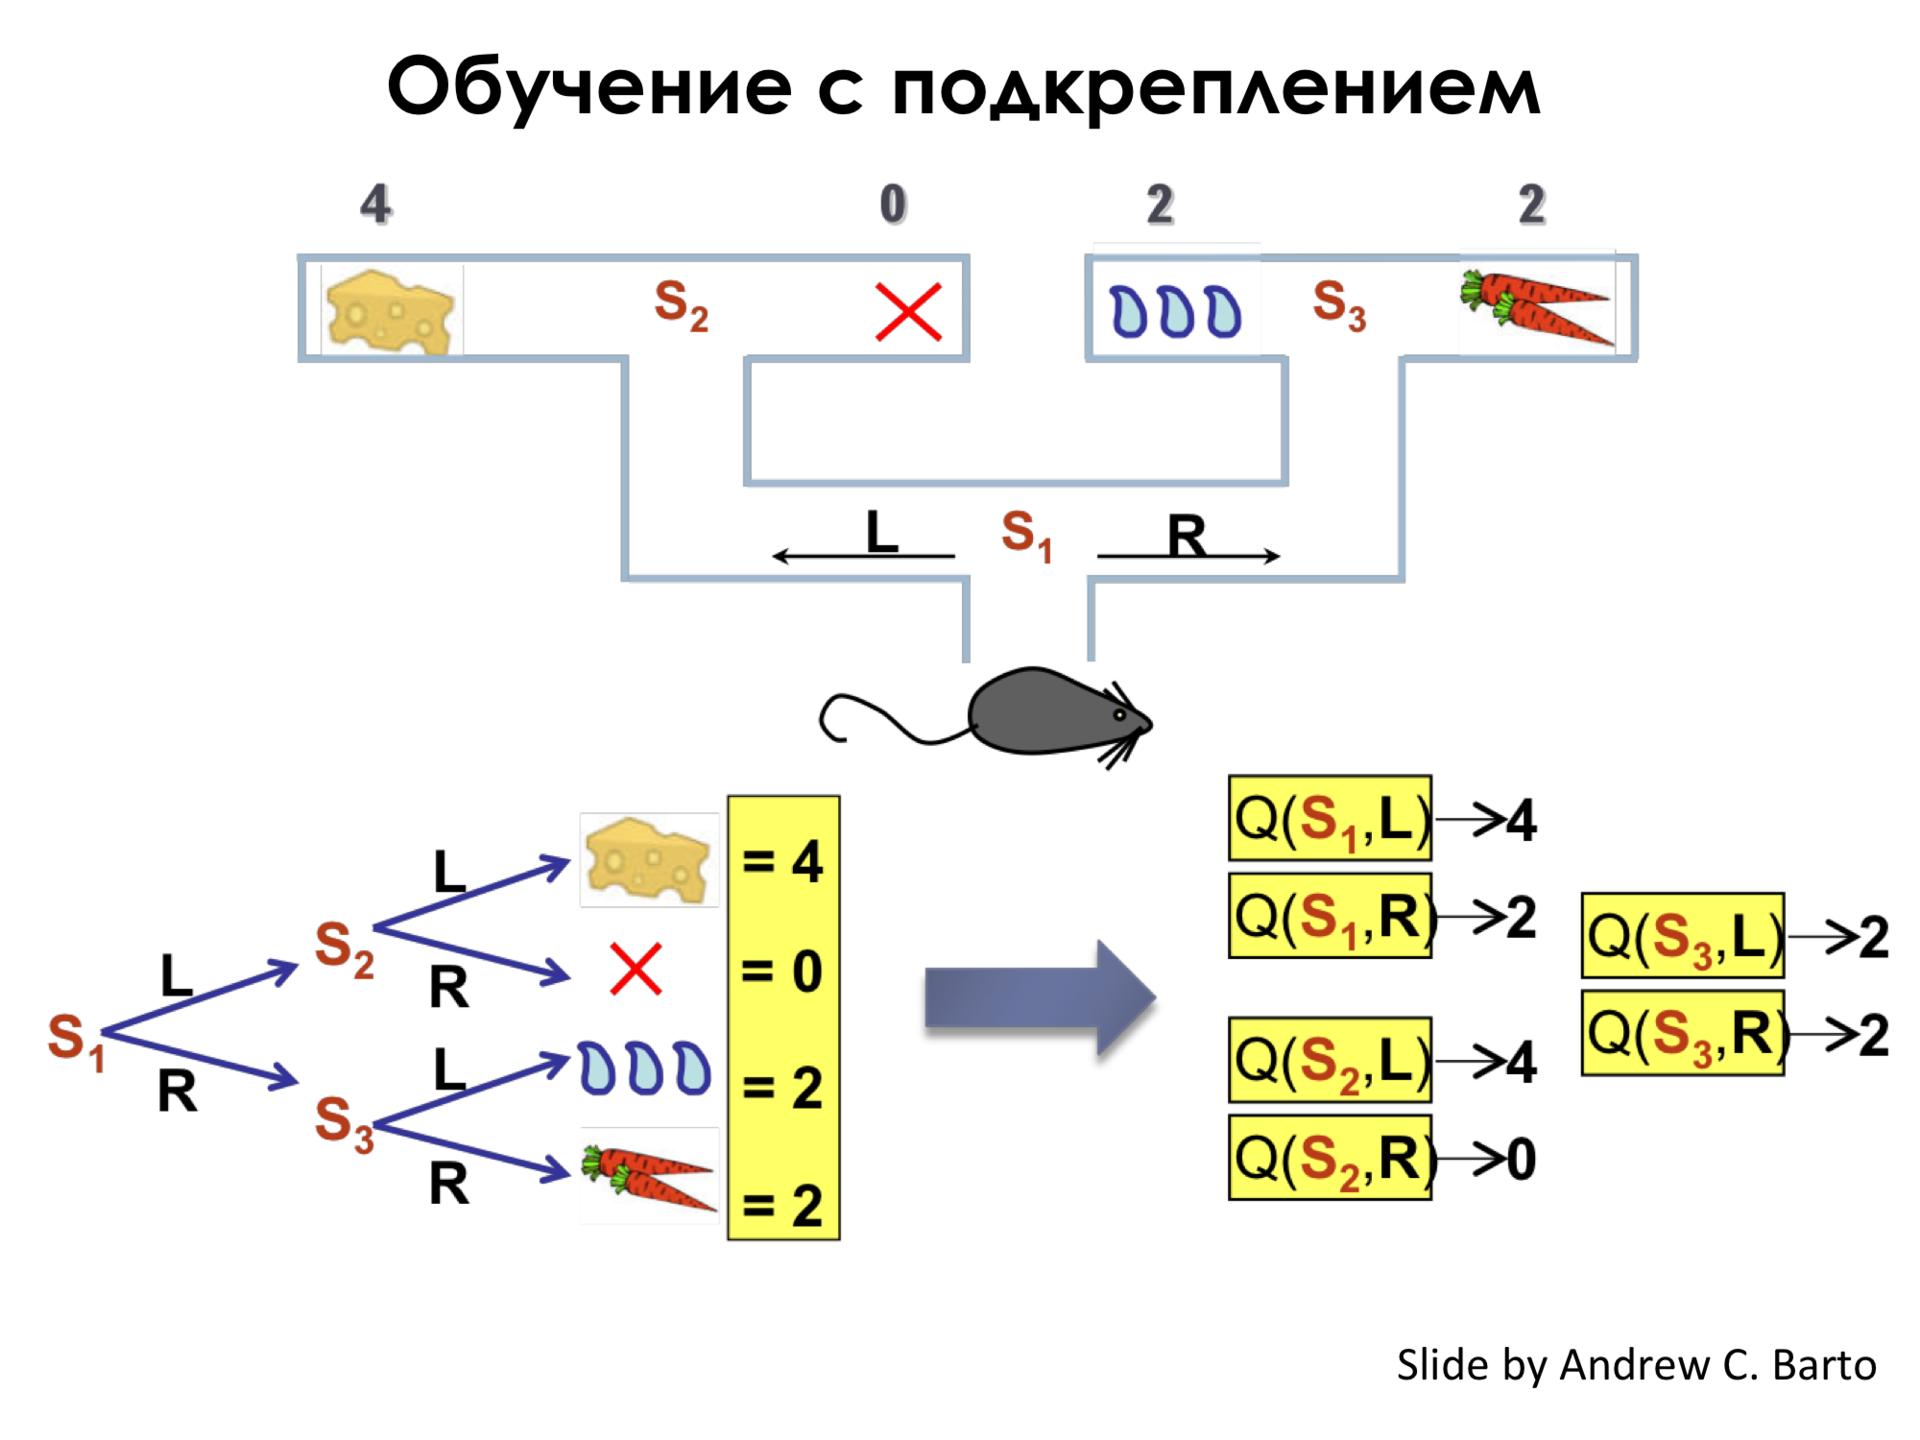 Самое главное о нейронных сетях. Лекция в Яндексе - 45